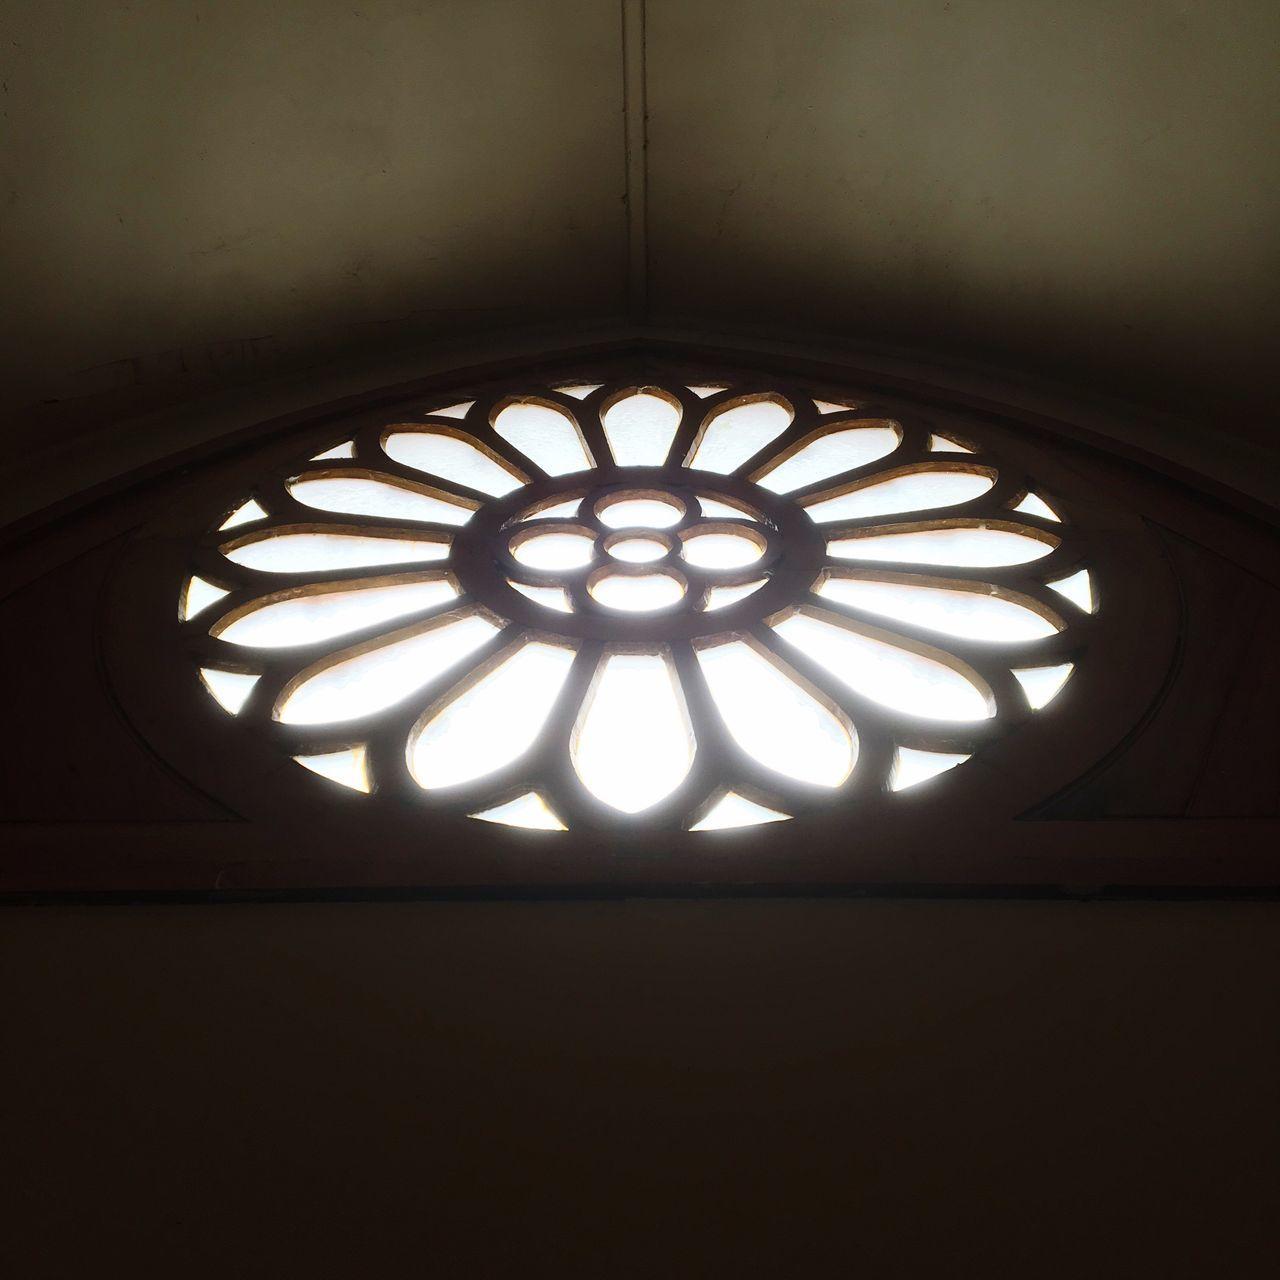 Illumination Basilica Stpatrick Light Montréal Quebec Canada Window